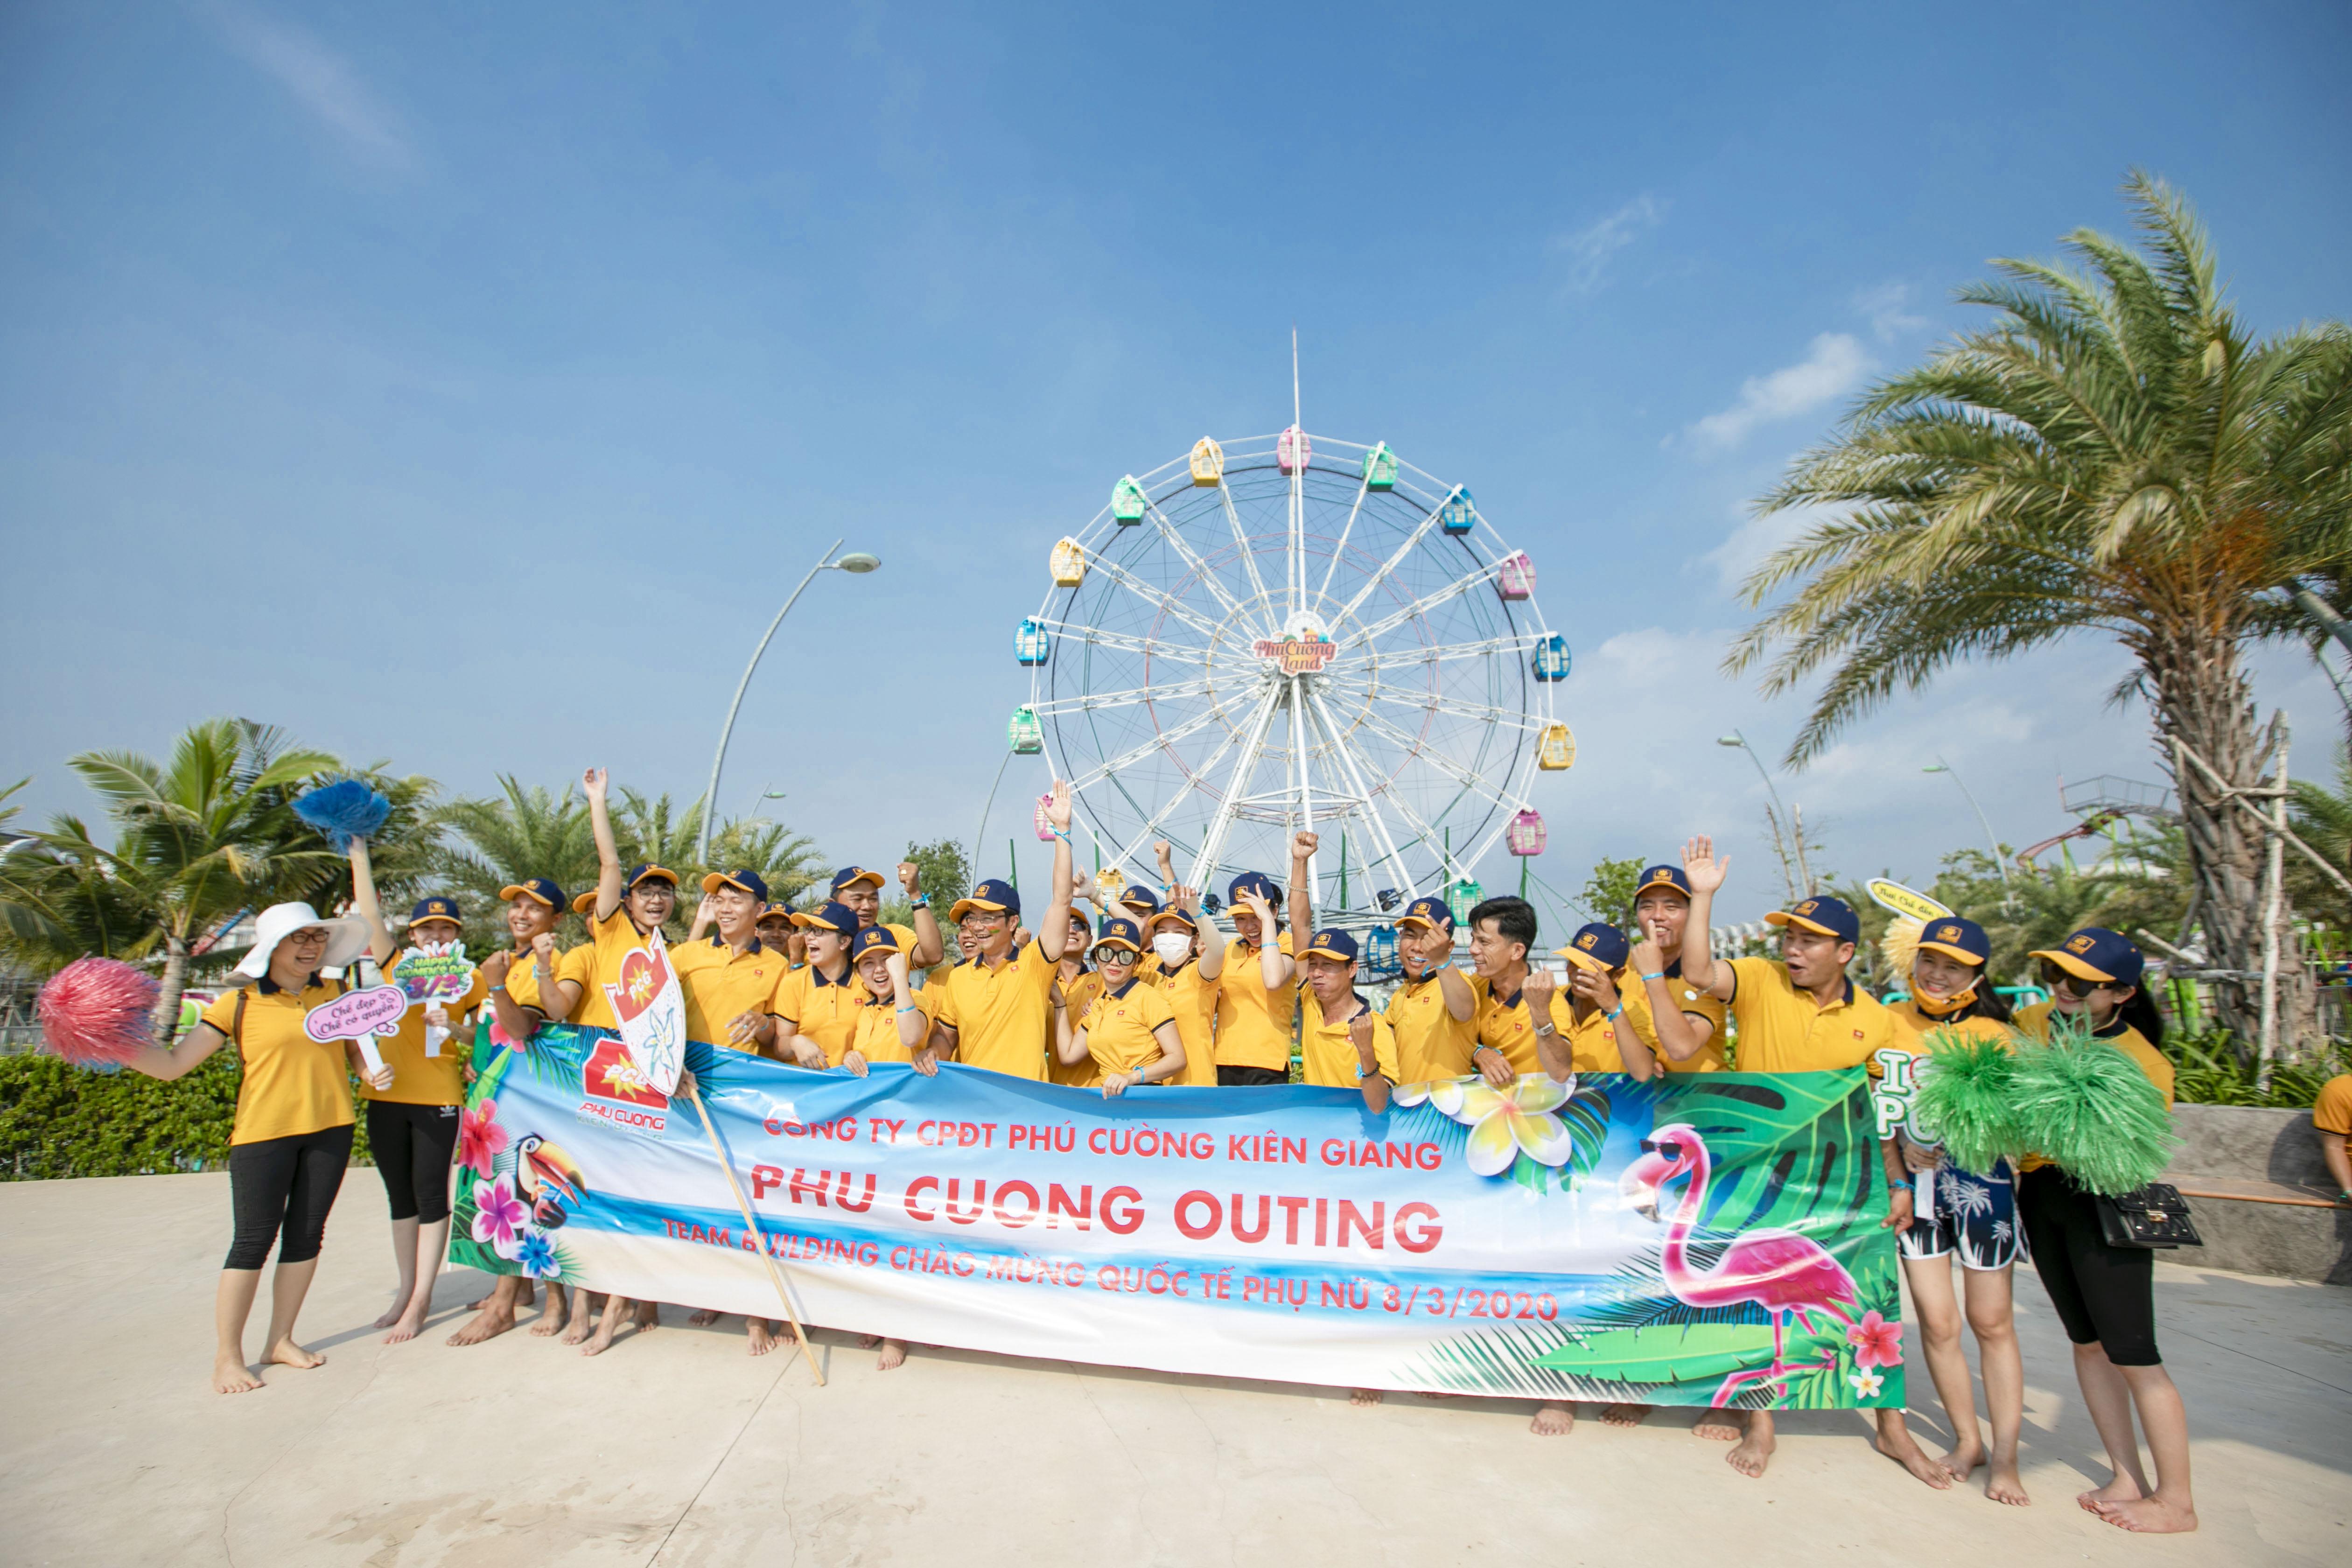 Phu Cuong Outing chào mừng Quốc tế Phụ nữ 8/3/2020